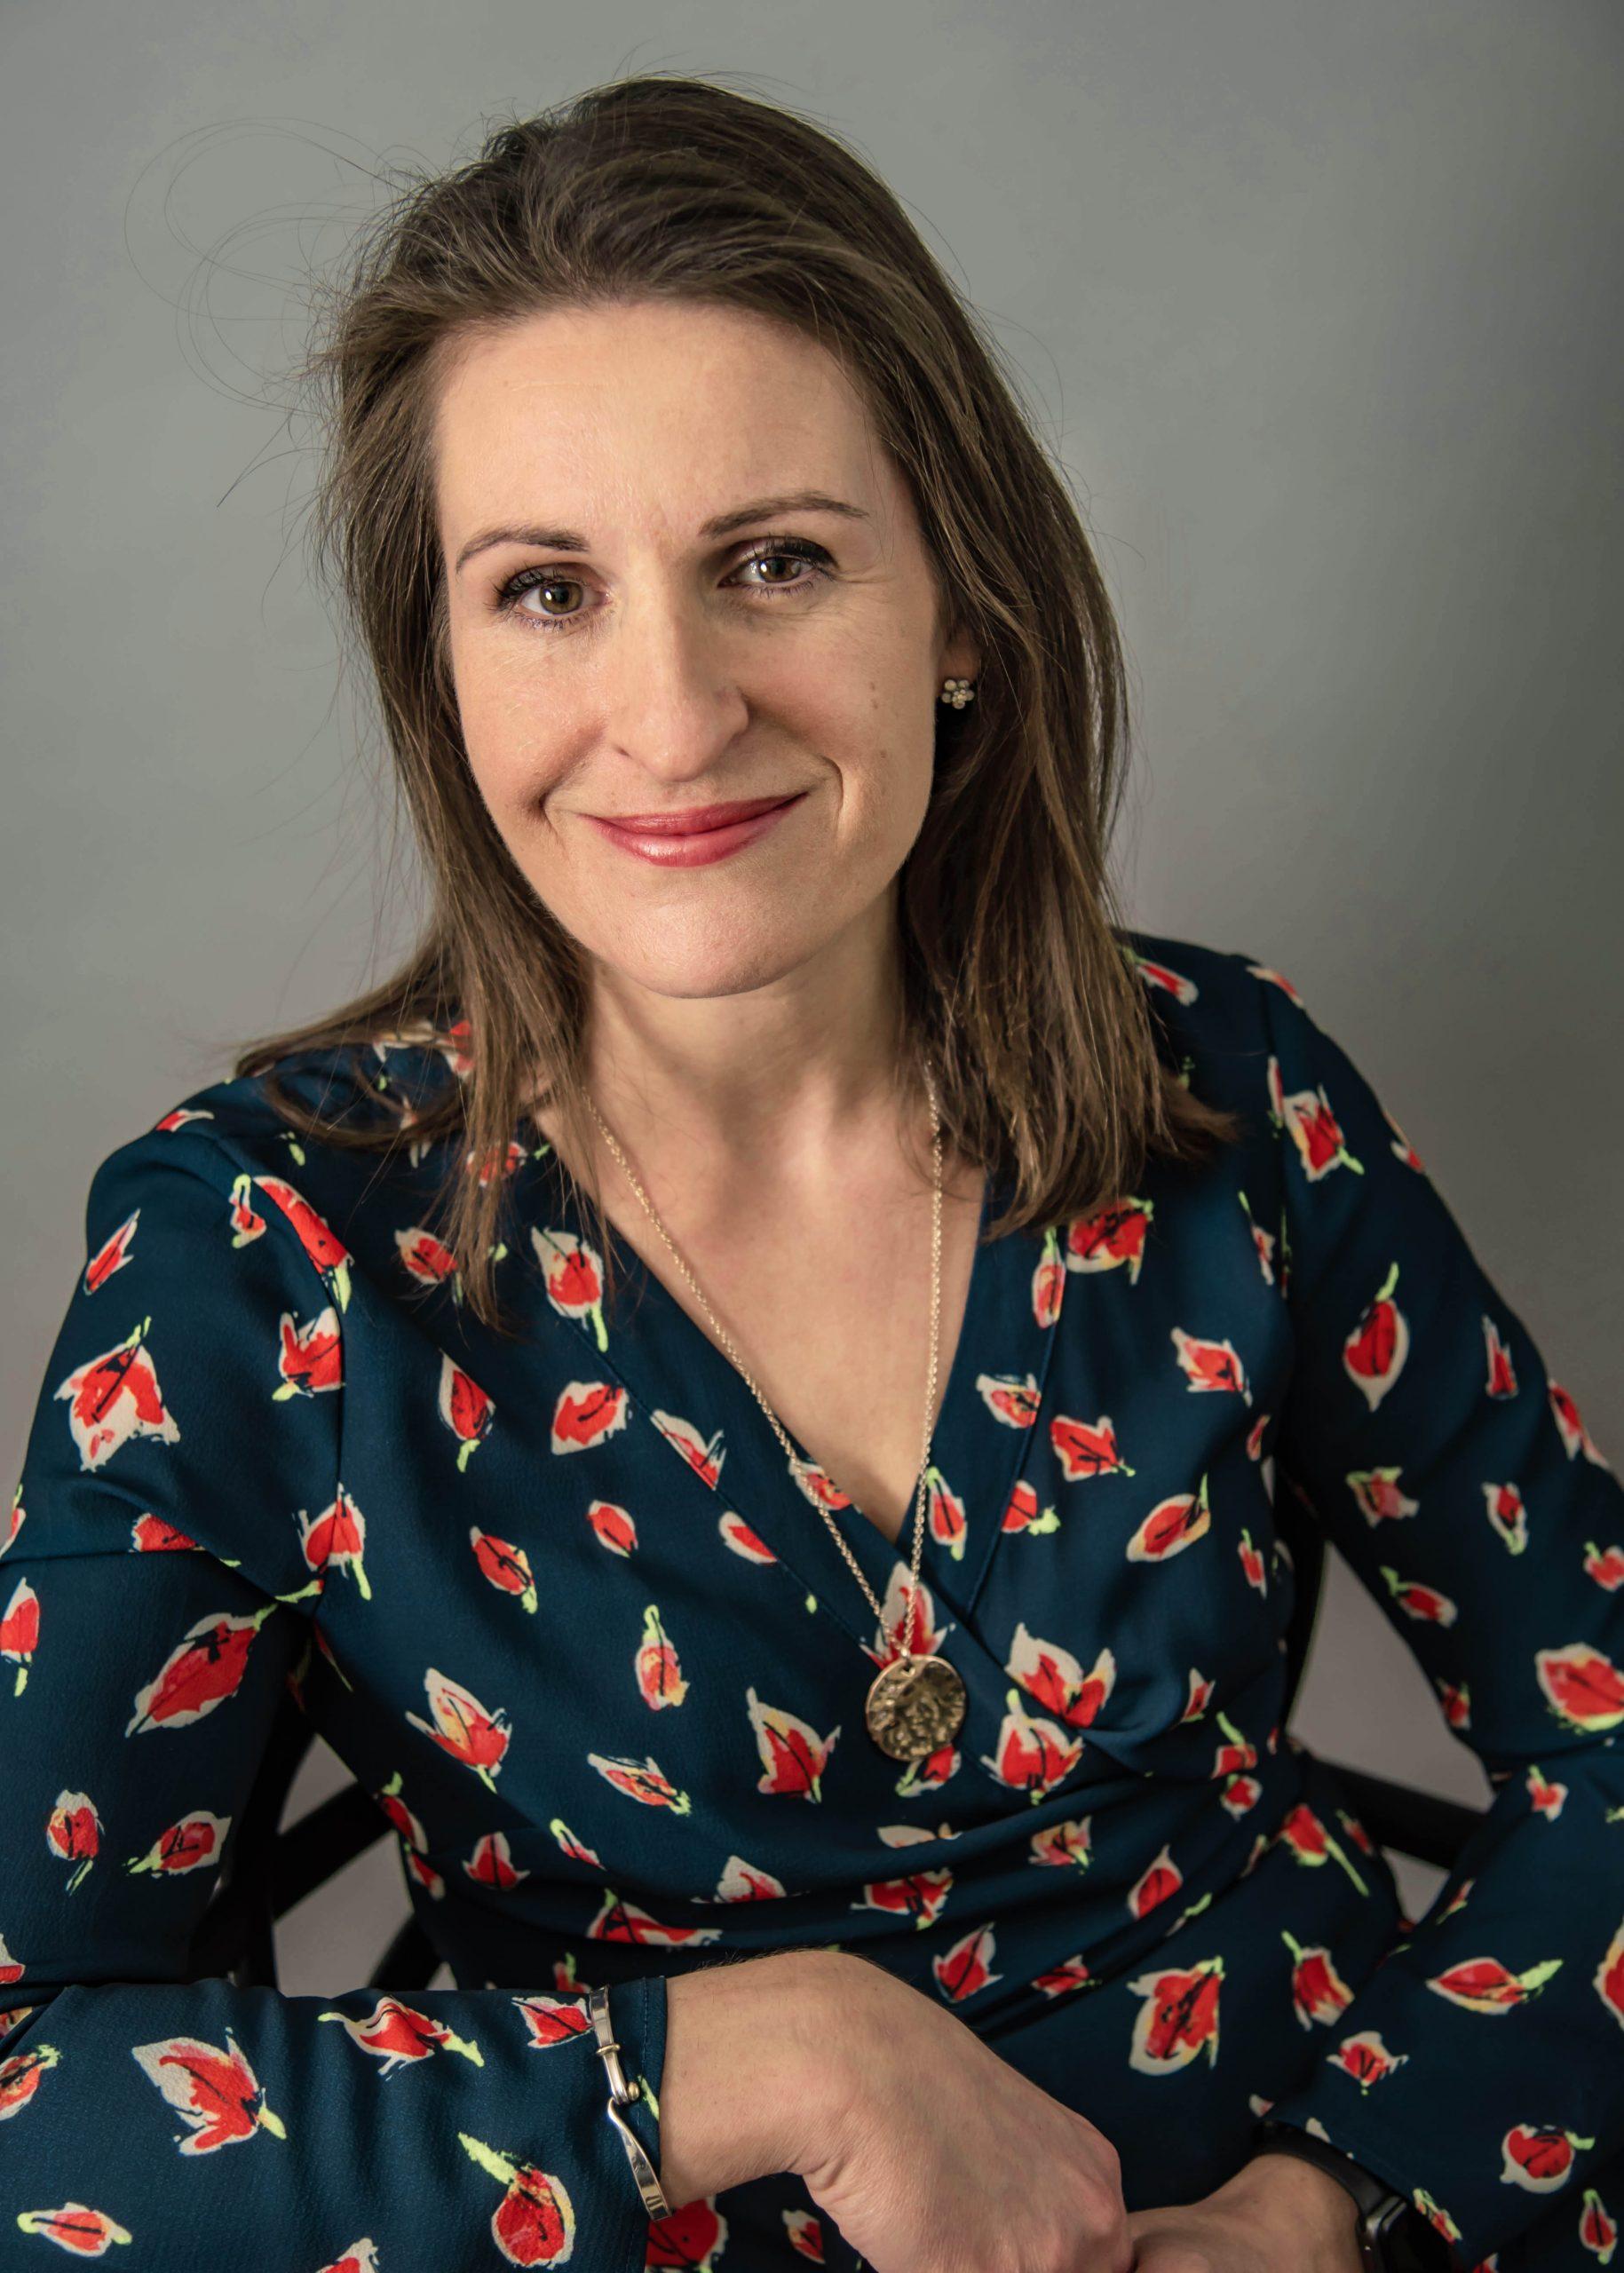 Philippa Wickham